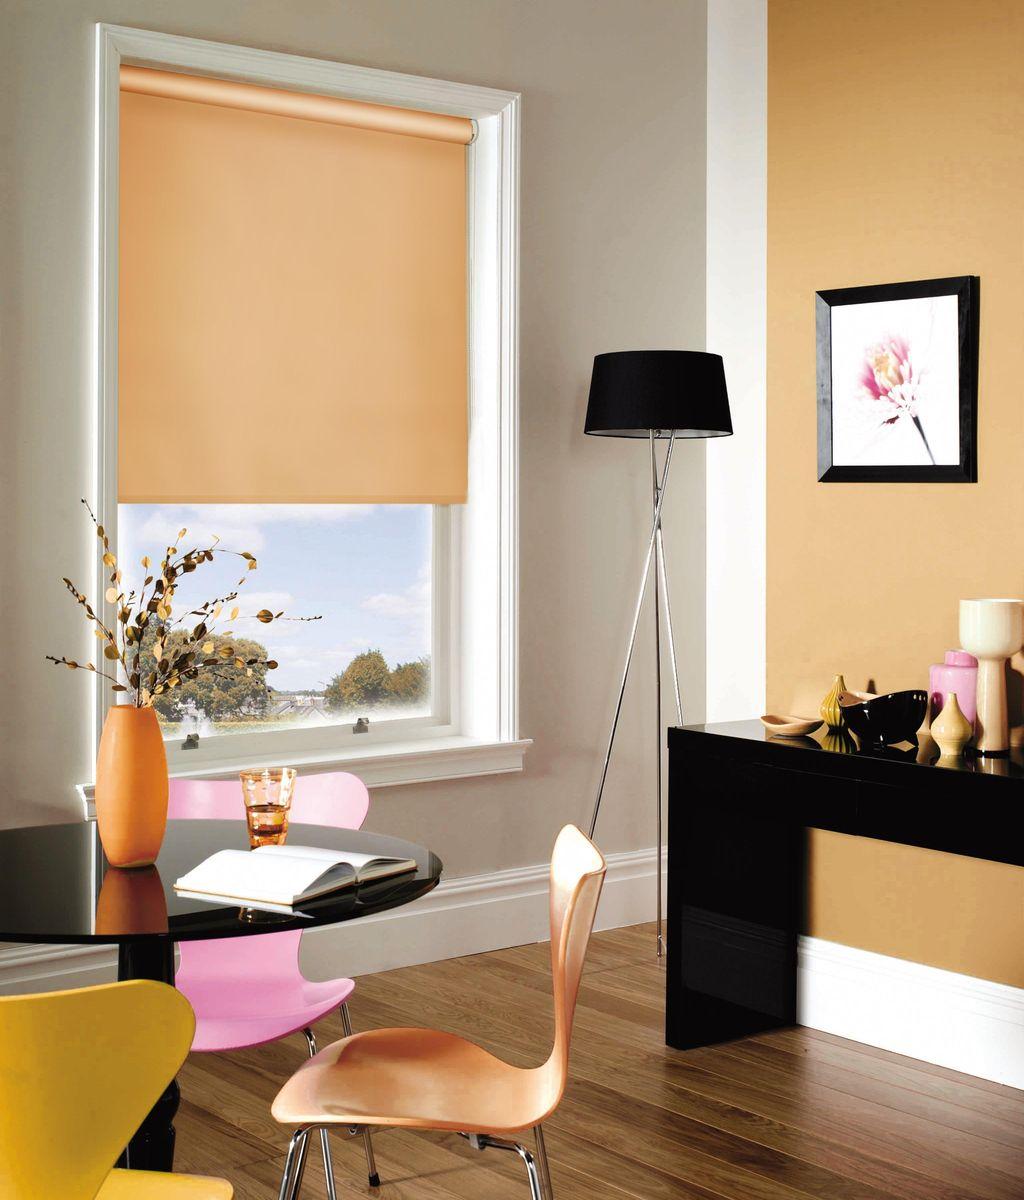 Штора рулонная Эскар, цвет: абрикосовый, ширина 130 см, высота 170 см81012130170Рулонными шторами можно оформлять окна как самостоятельно, так и использовать в комбинации с портьерами. Это поможет предотвратить выгорание дорогой ткани на солнце и соединит функционал рулонных с красотой навесных. Преимущества применения рулонных штор для пластиковых окон: - имеют прекрасный внешний вид: многообразие и фактурность материала изделия отлично смотрятся в любом интерьере; - многофункциональны: есть возможность подобрать шторы способные эффективно защитить комнату от солнца, при этом она не будет слишком темной. - Есть возможность осуществить быстрый монтаж. ВНИМАНИЕ! Размеры ширины изделия указаны по ширине ткани! Во время эксплуатации не рекомендуется полностью разматывать рулон, чтобы не оторвать ткань от намоточного вала. В случае загрязнения поверхности ткани, чистку шторы проводят одним из способов, в зависимости от типа загрязнения: легкое поверхностное загрязнение можно удалить при помощи канцелярского ластика; чистка от пыли производится сухим методом при...